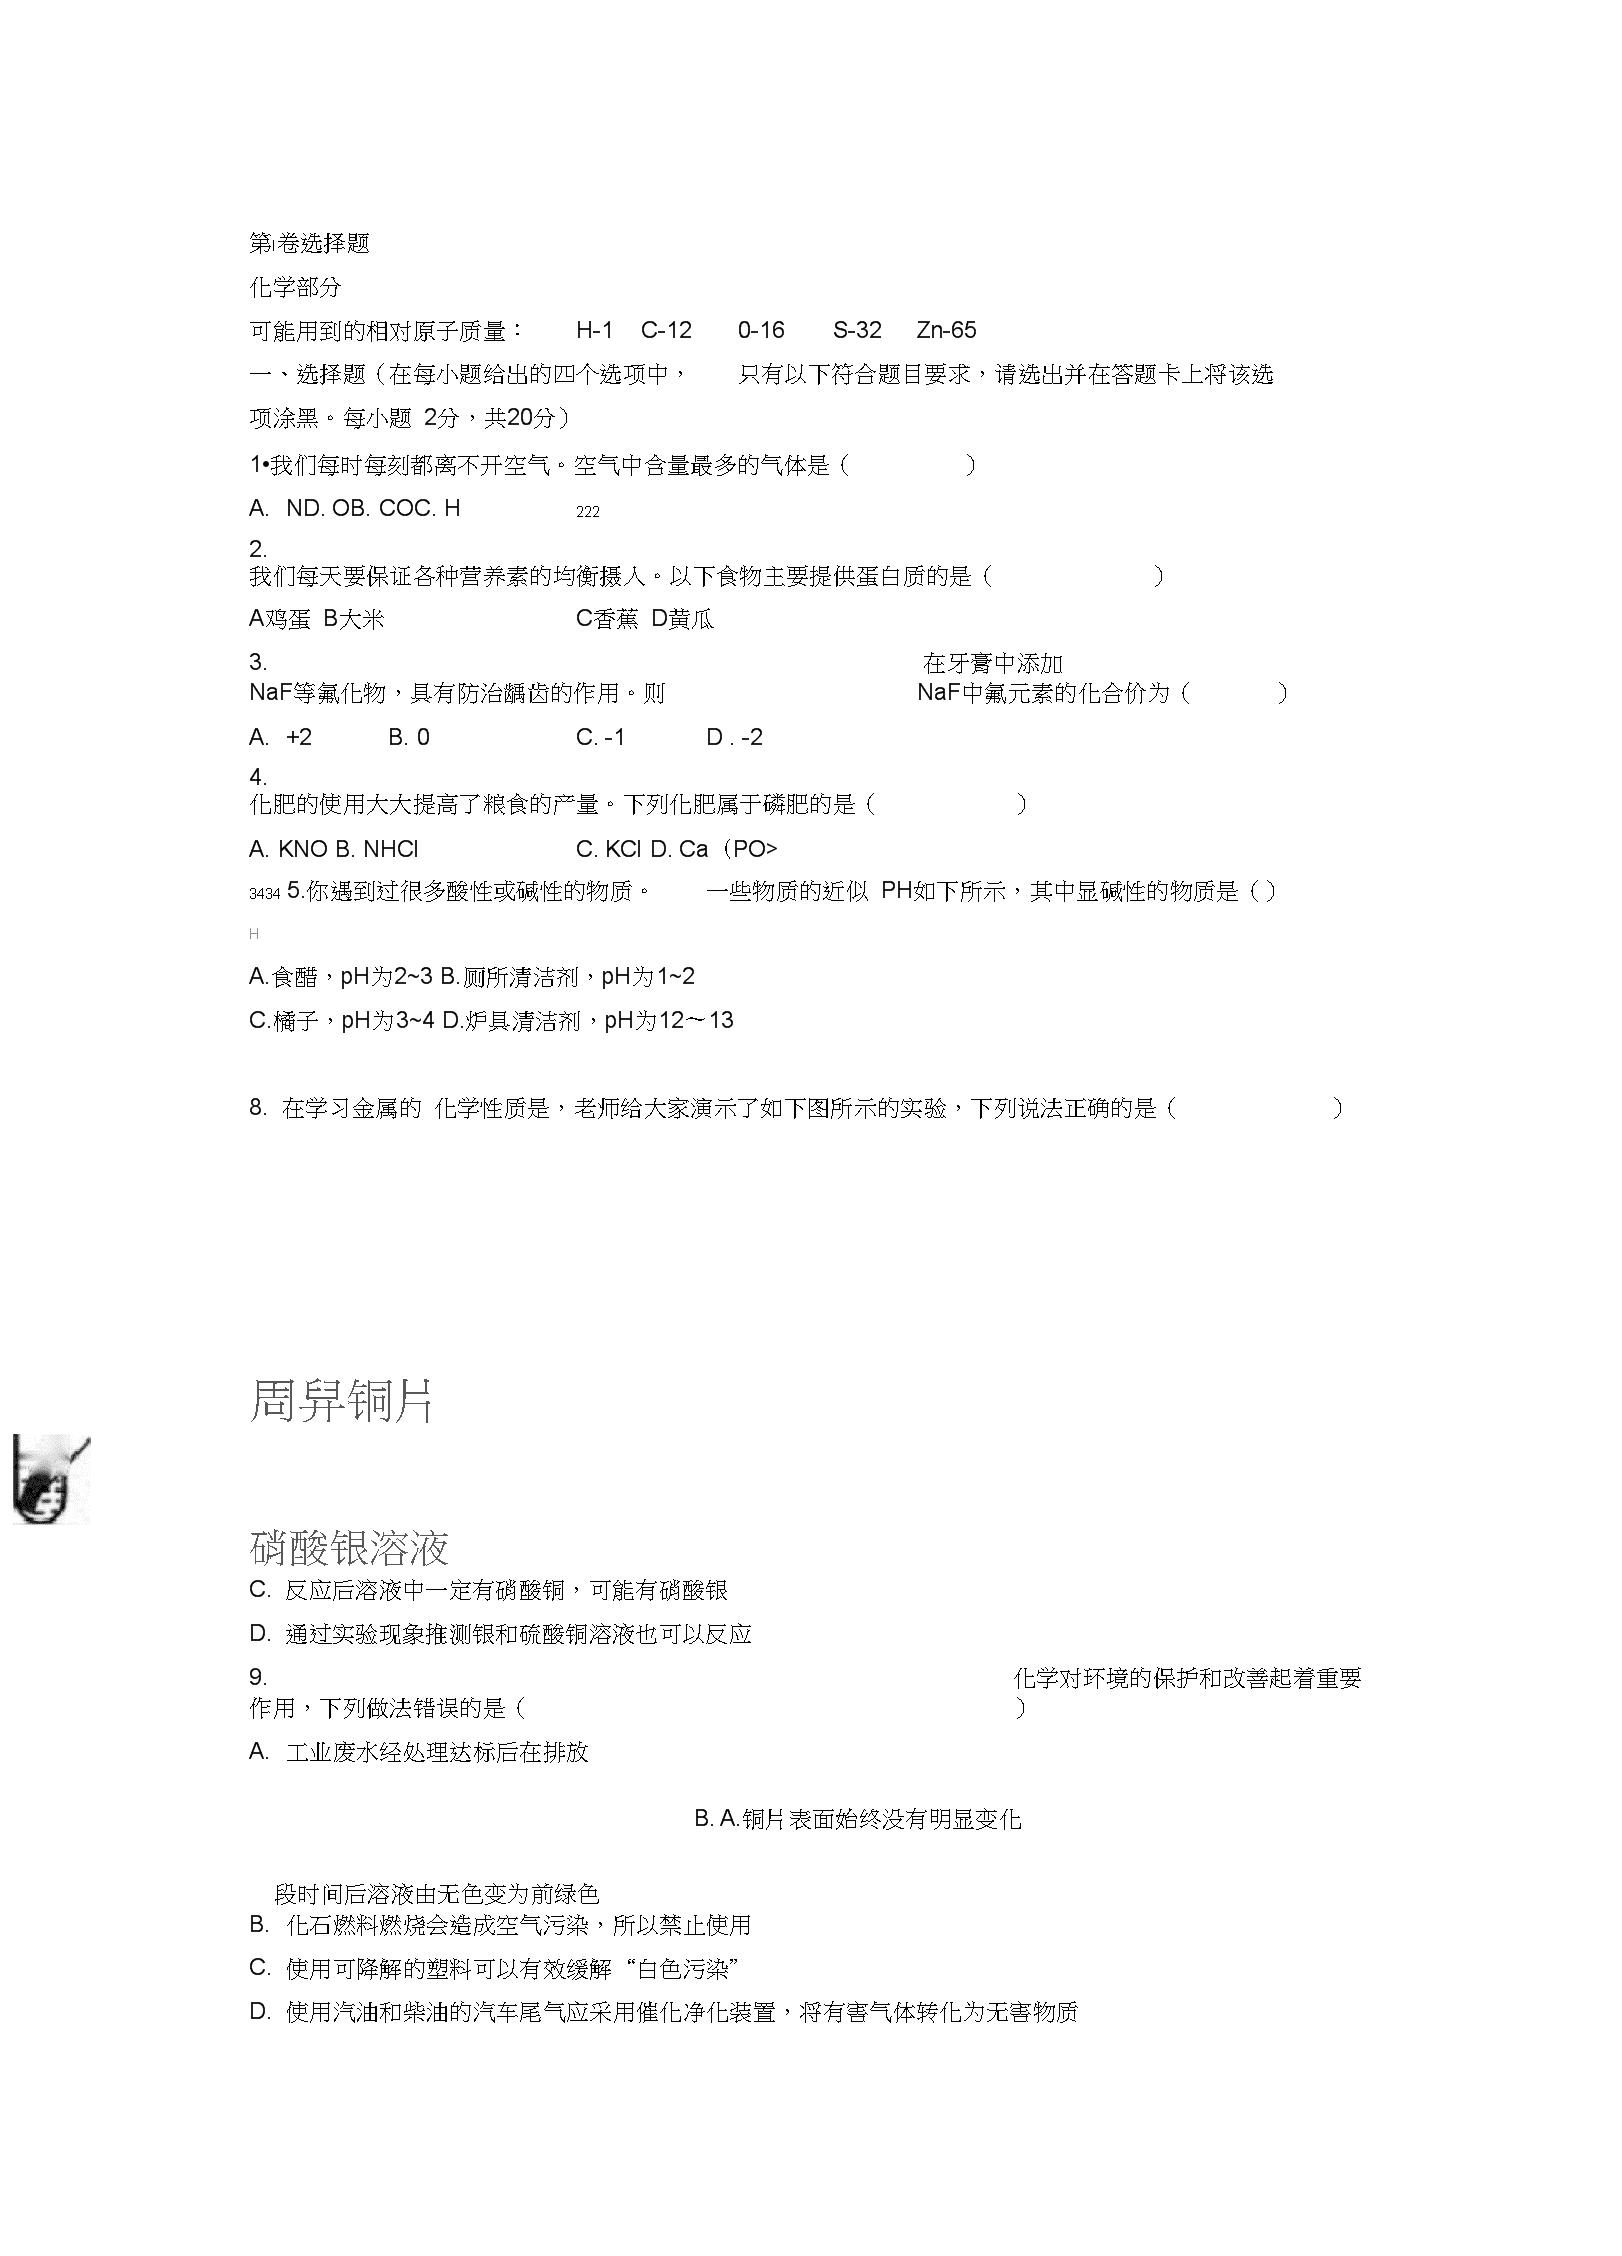 山西中考化学试题及答案word版.docx